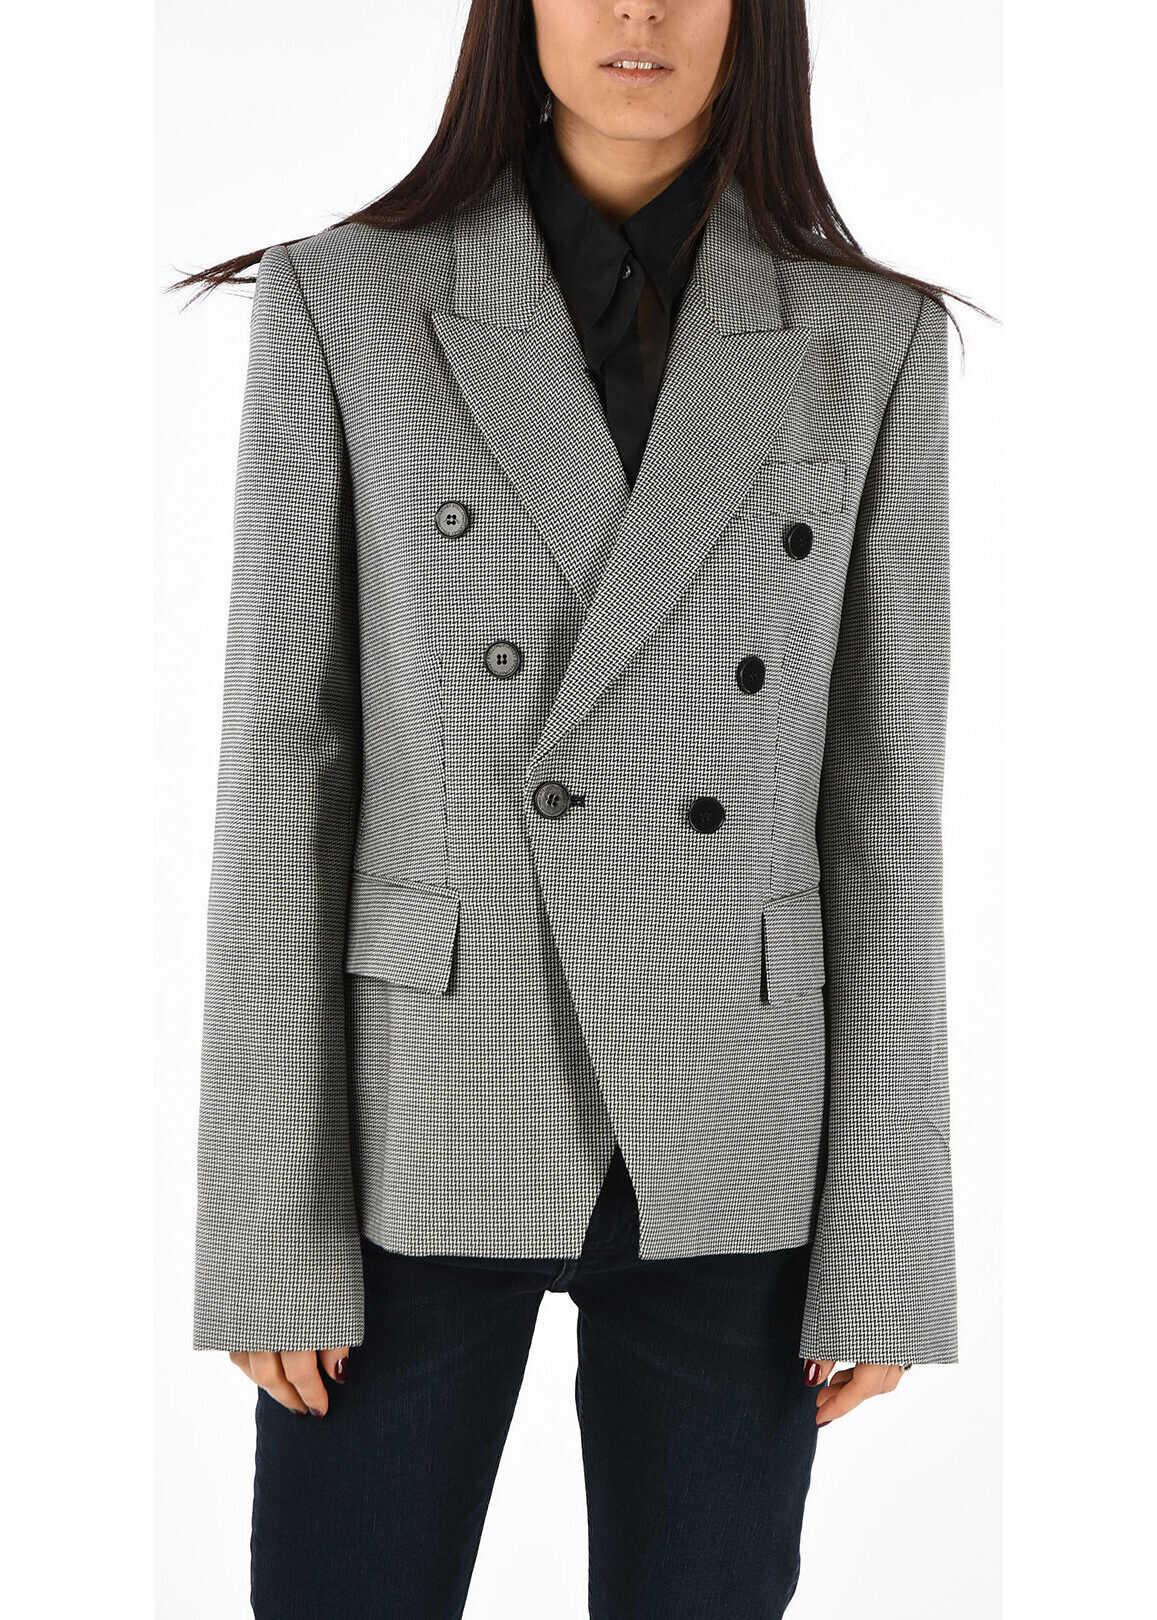 adidas by Stella McCartney Wool Pied de Poule Blazer BLACK & WHITE